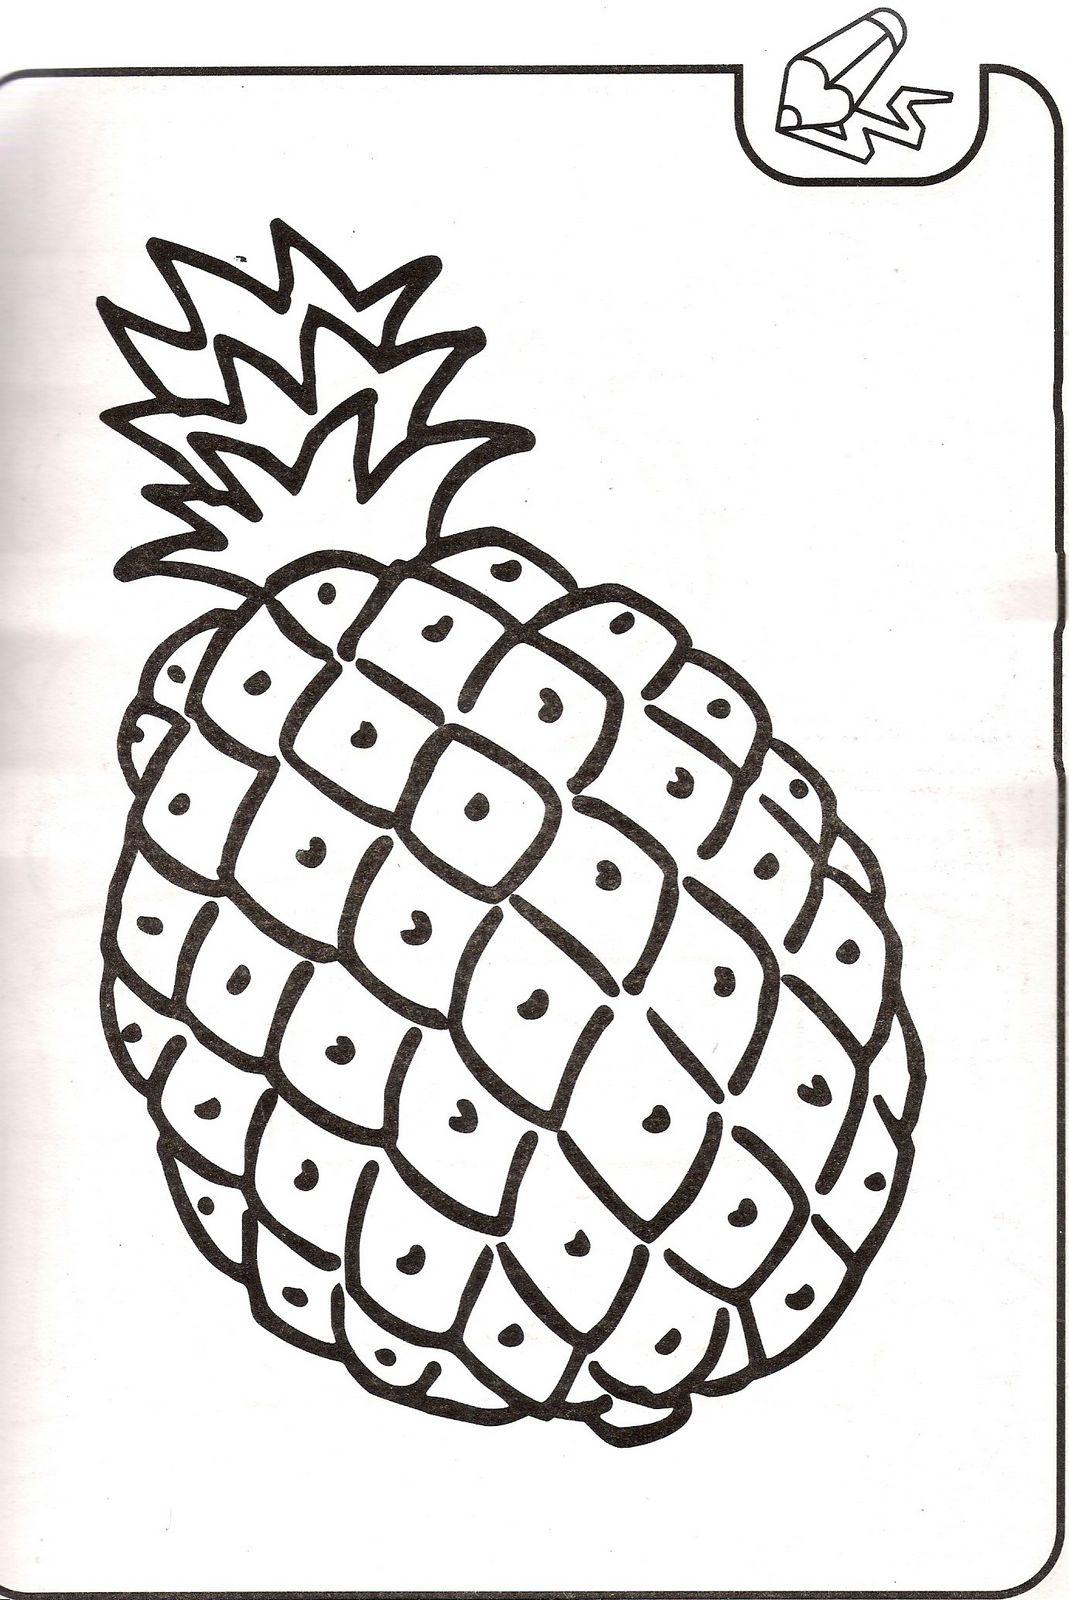 Dibujos para colorear: Dibujos de piña para colorear